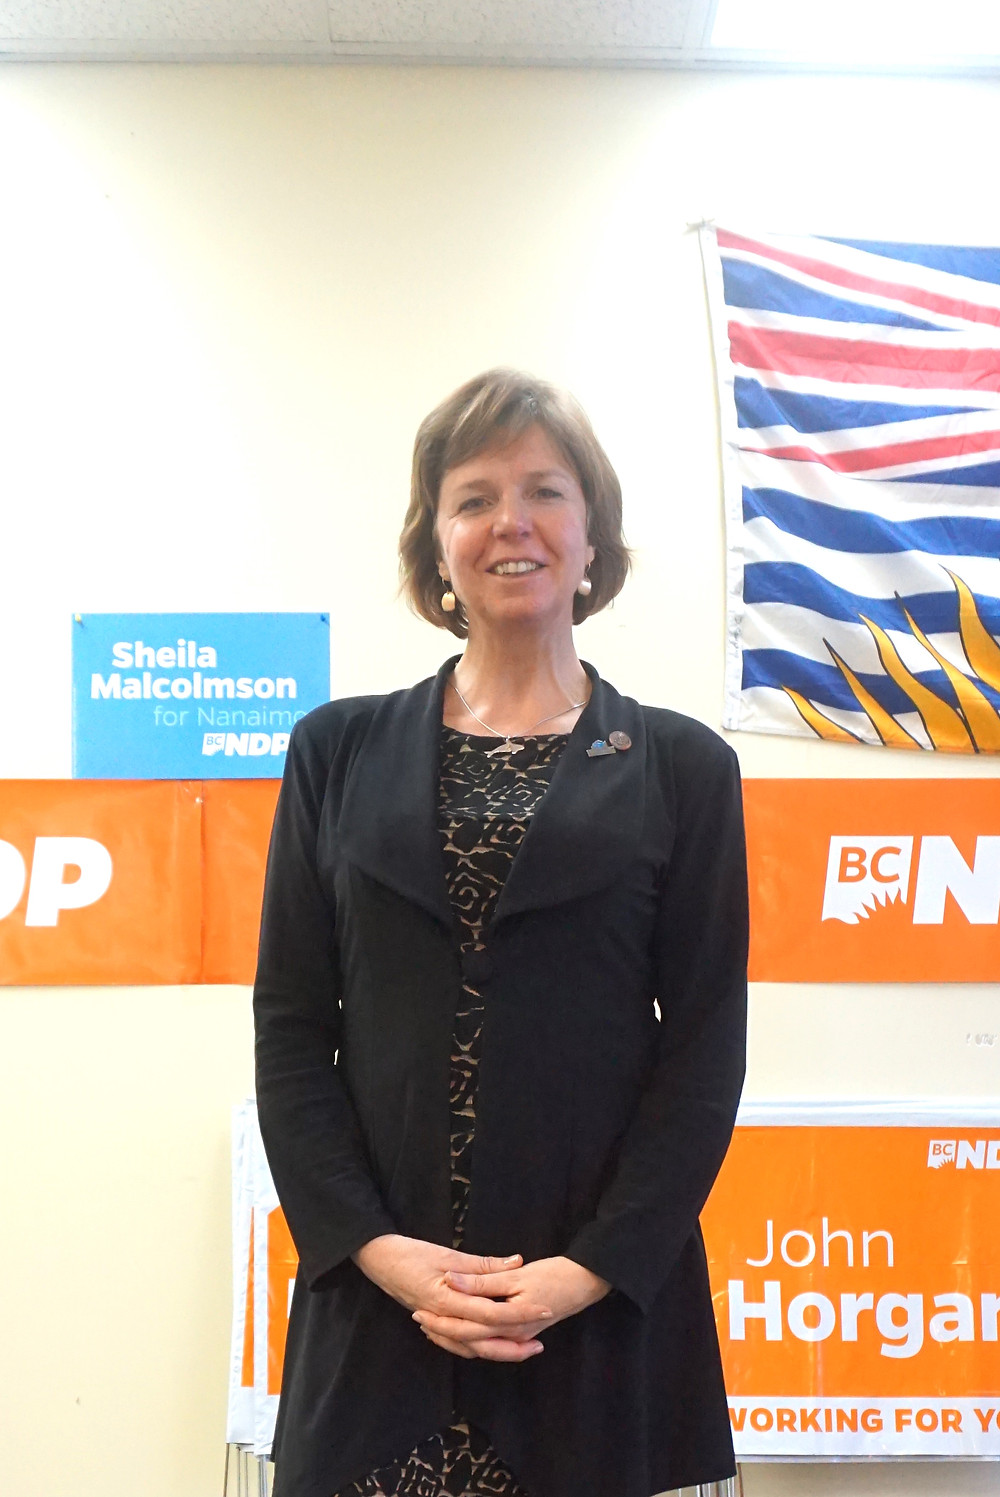 BC省执政党尖峰时刻的关键人物纳奈莫选区候选省议员Sheila Malcolmson